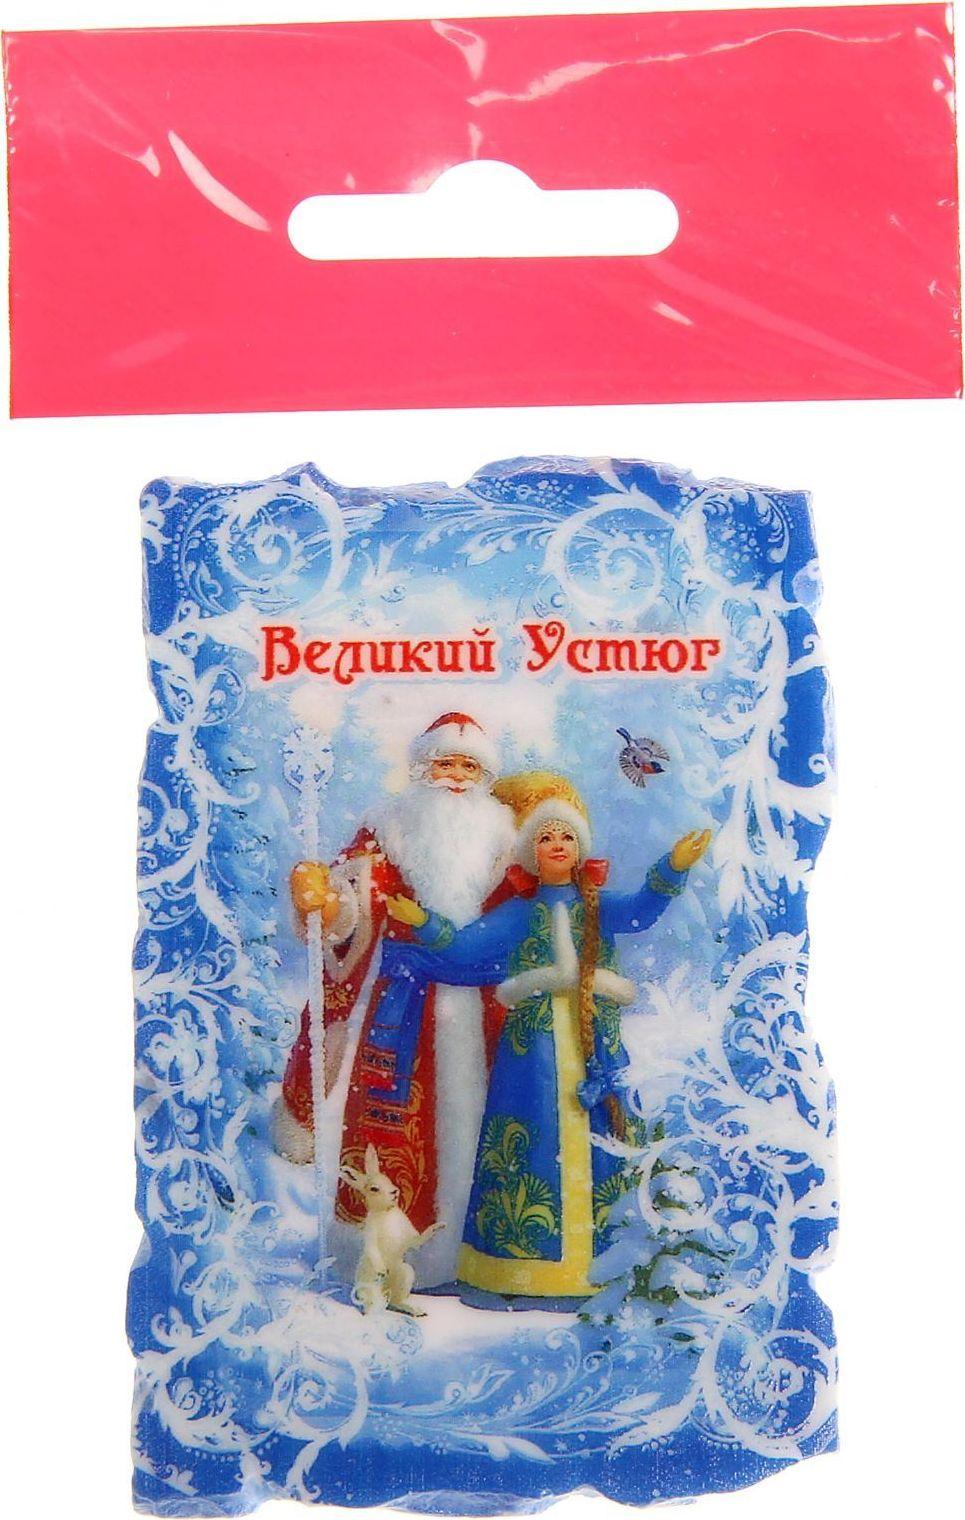 Дед мороз устюг подарок 161